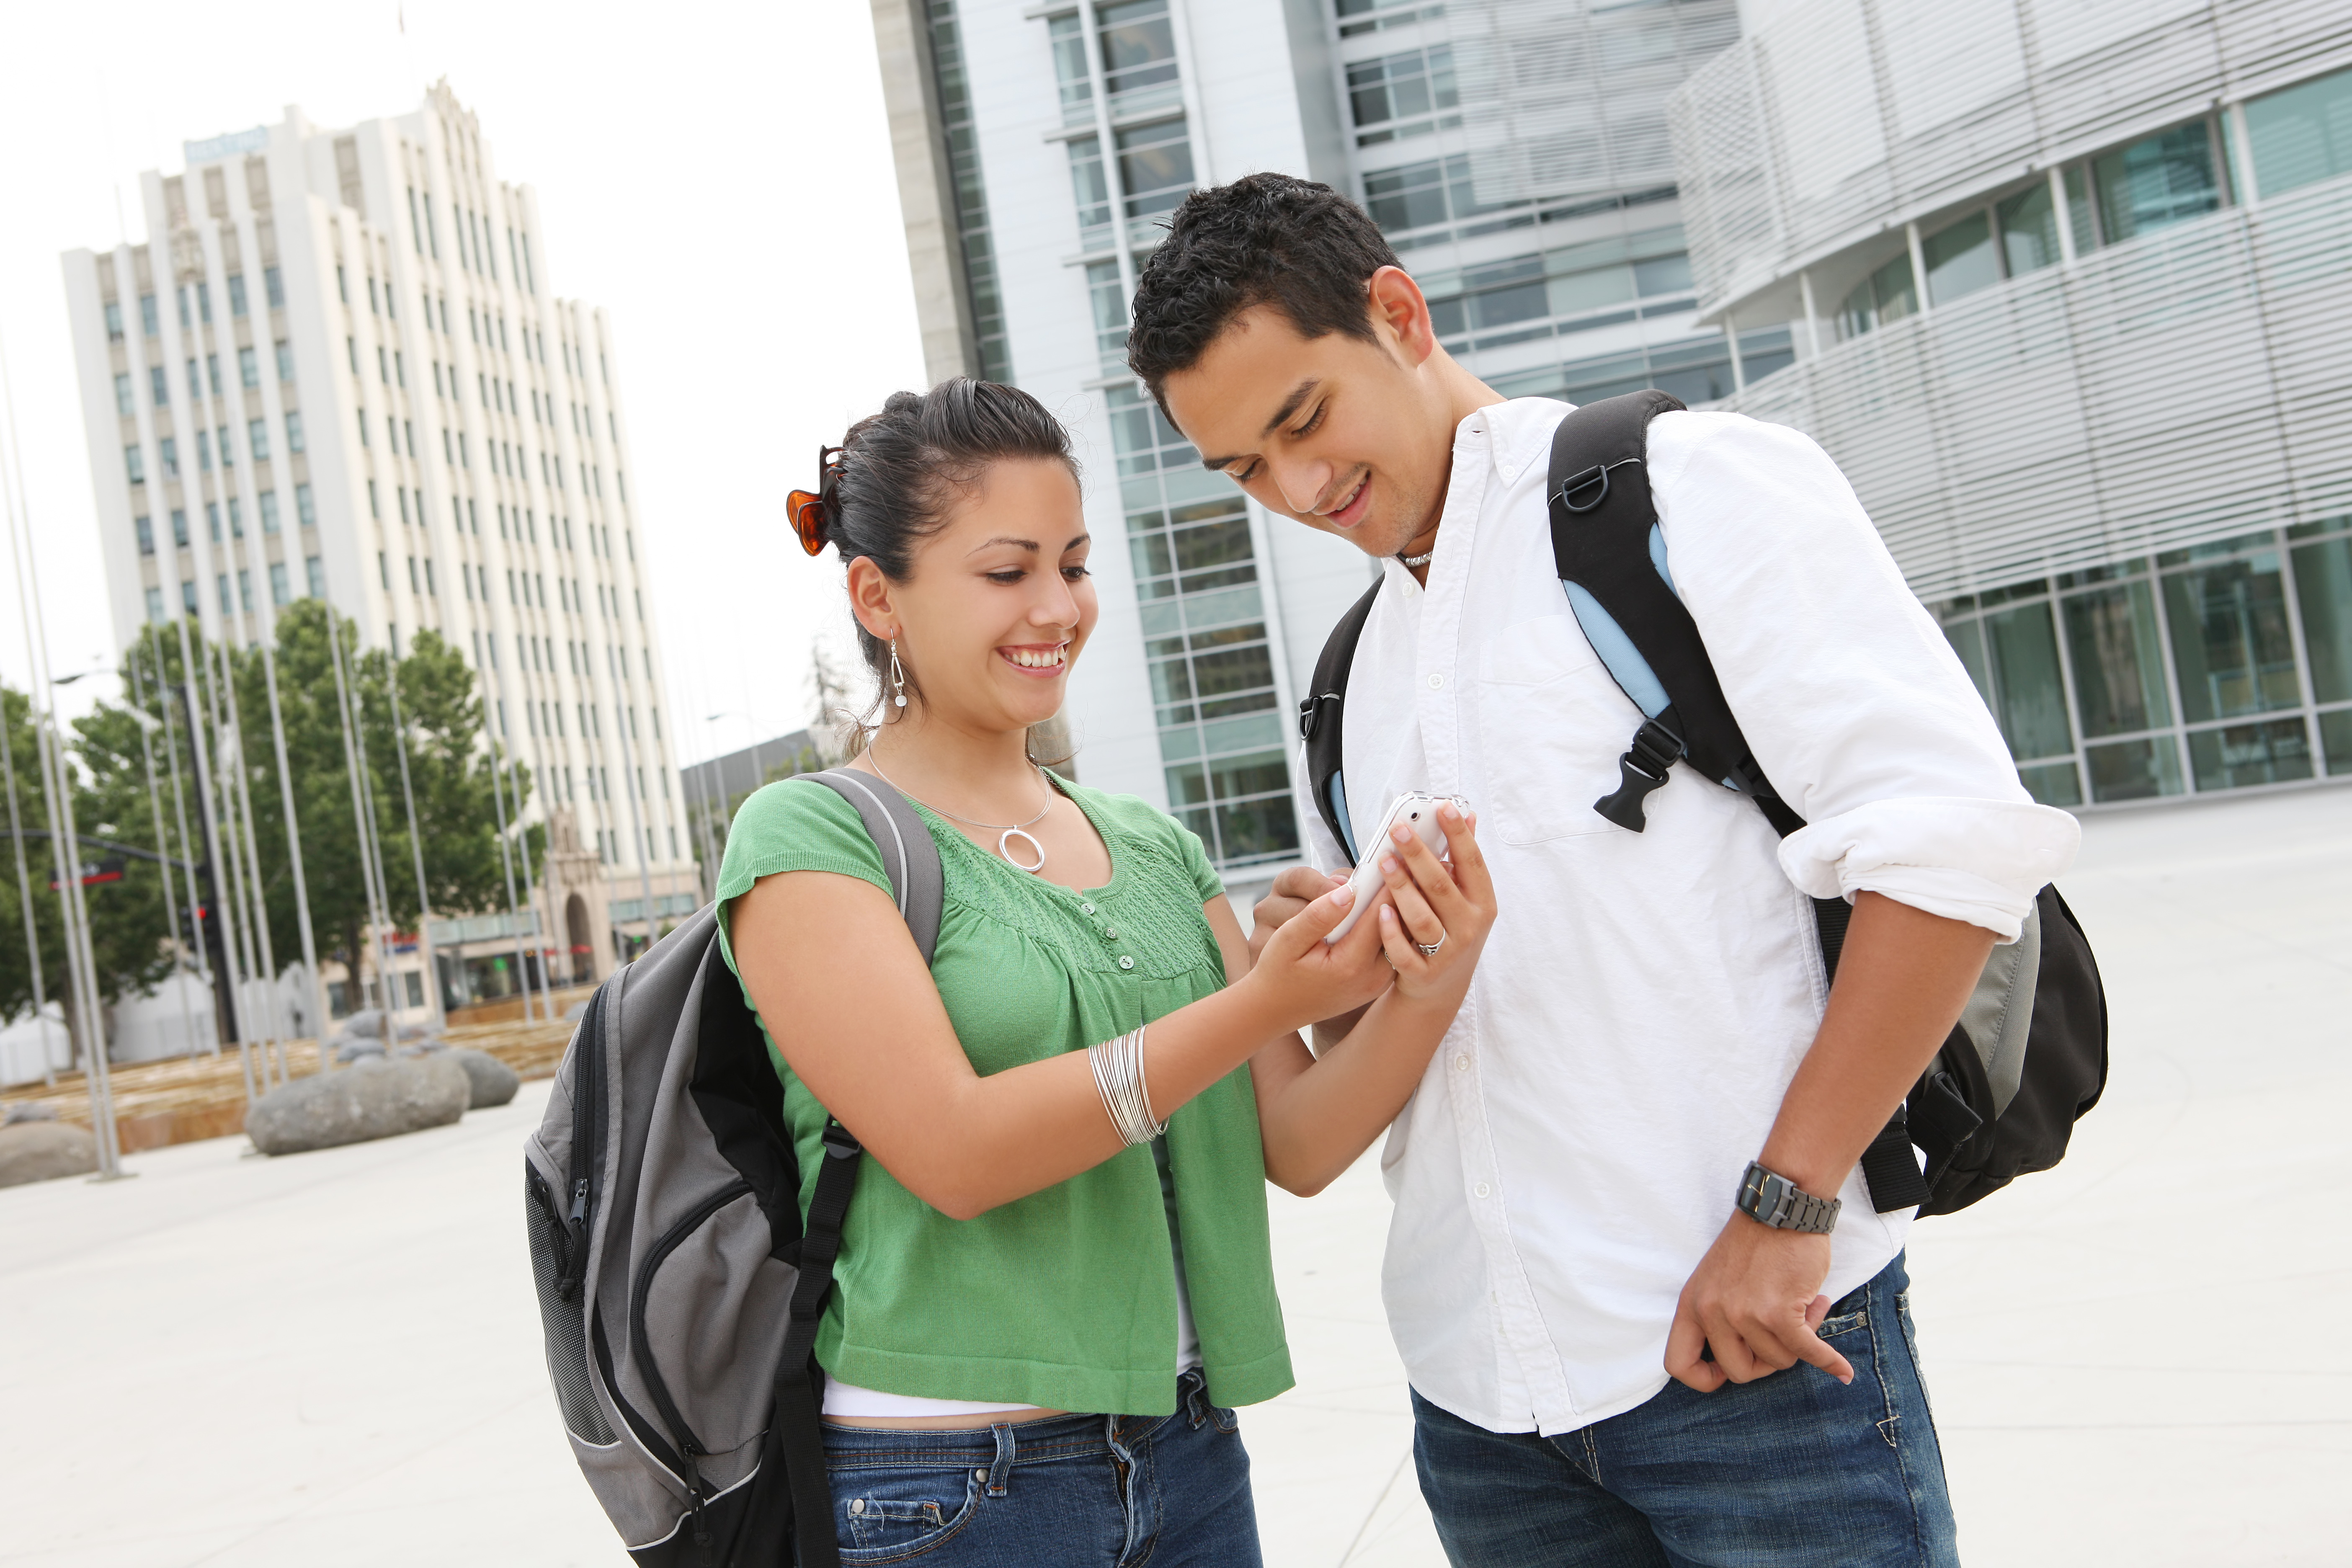 Latino teens looking their phones